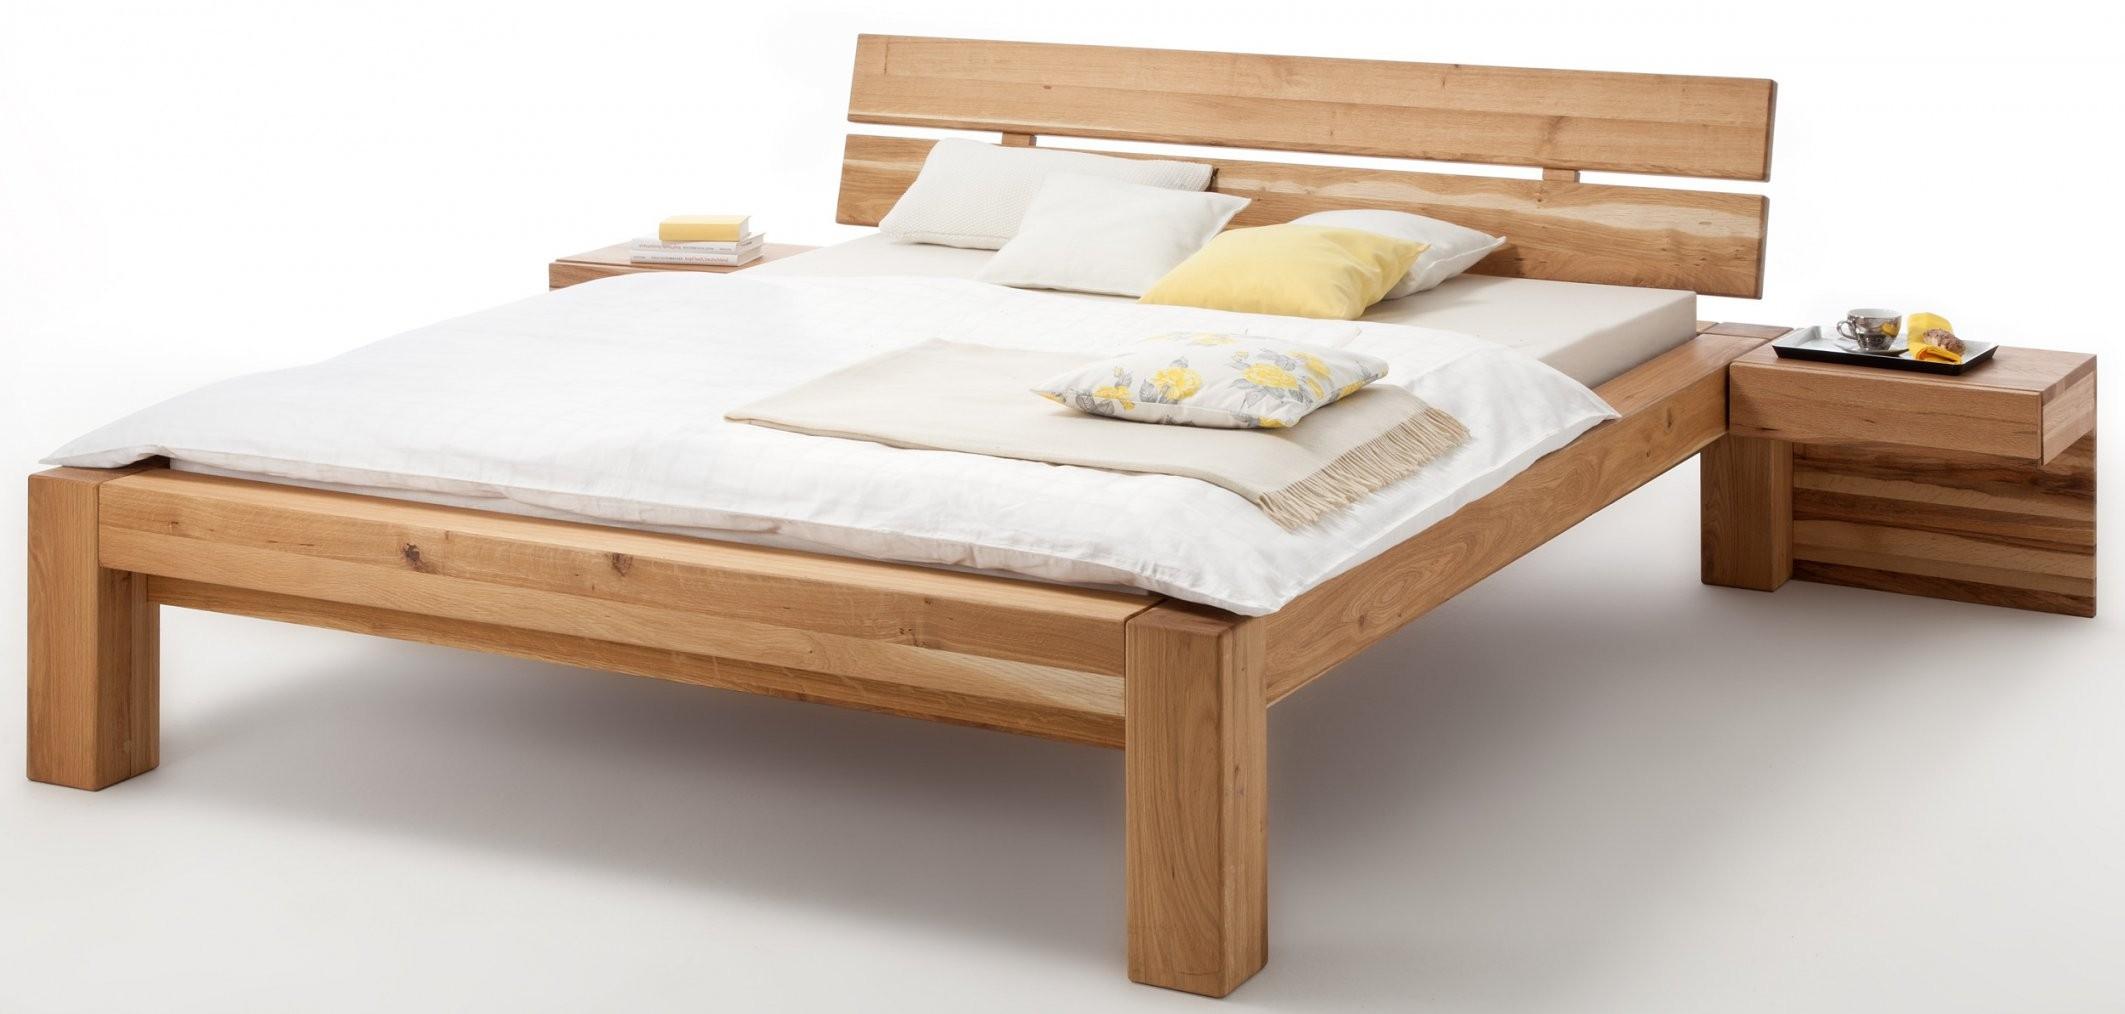 Cool Bett Buche 140X200 100X200 Weis Hochglanz Mit Bettkasten von Polsterbett 100X200 Mit Bettkasten Photo